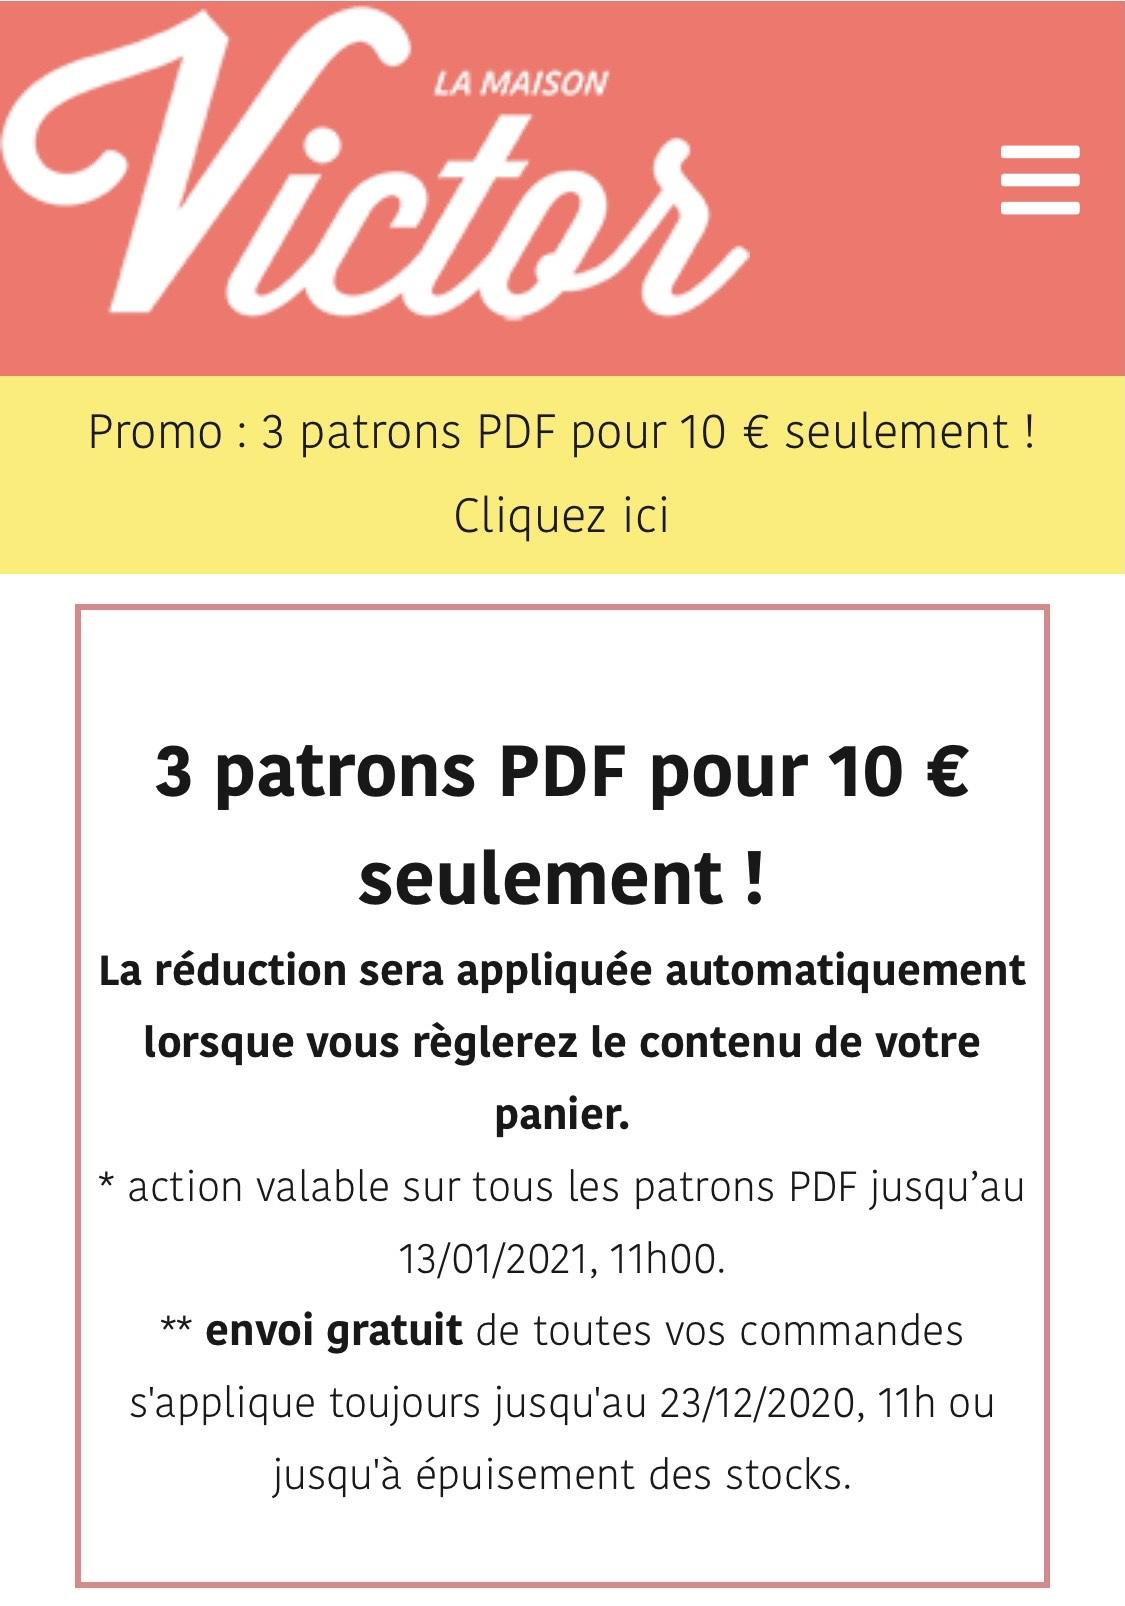 3 Patrons de couture PDF au choix pour 10€ (lamaisonvictor.com)